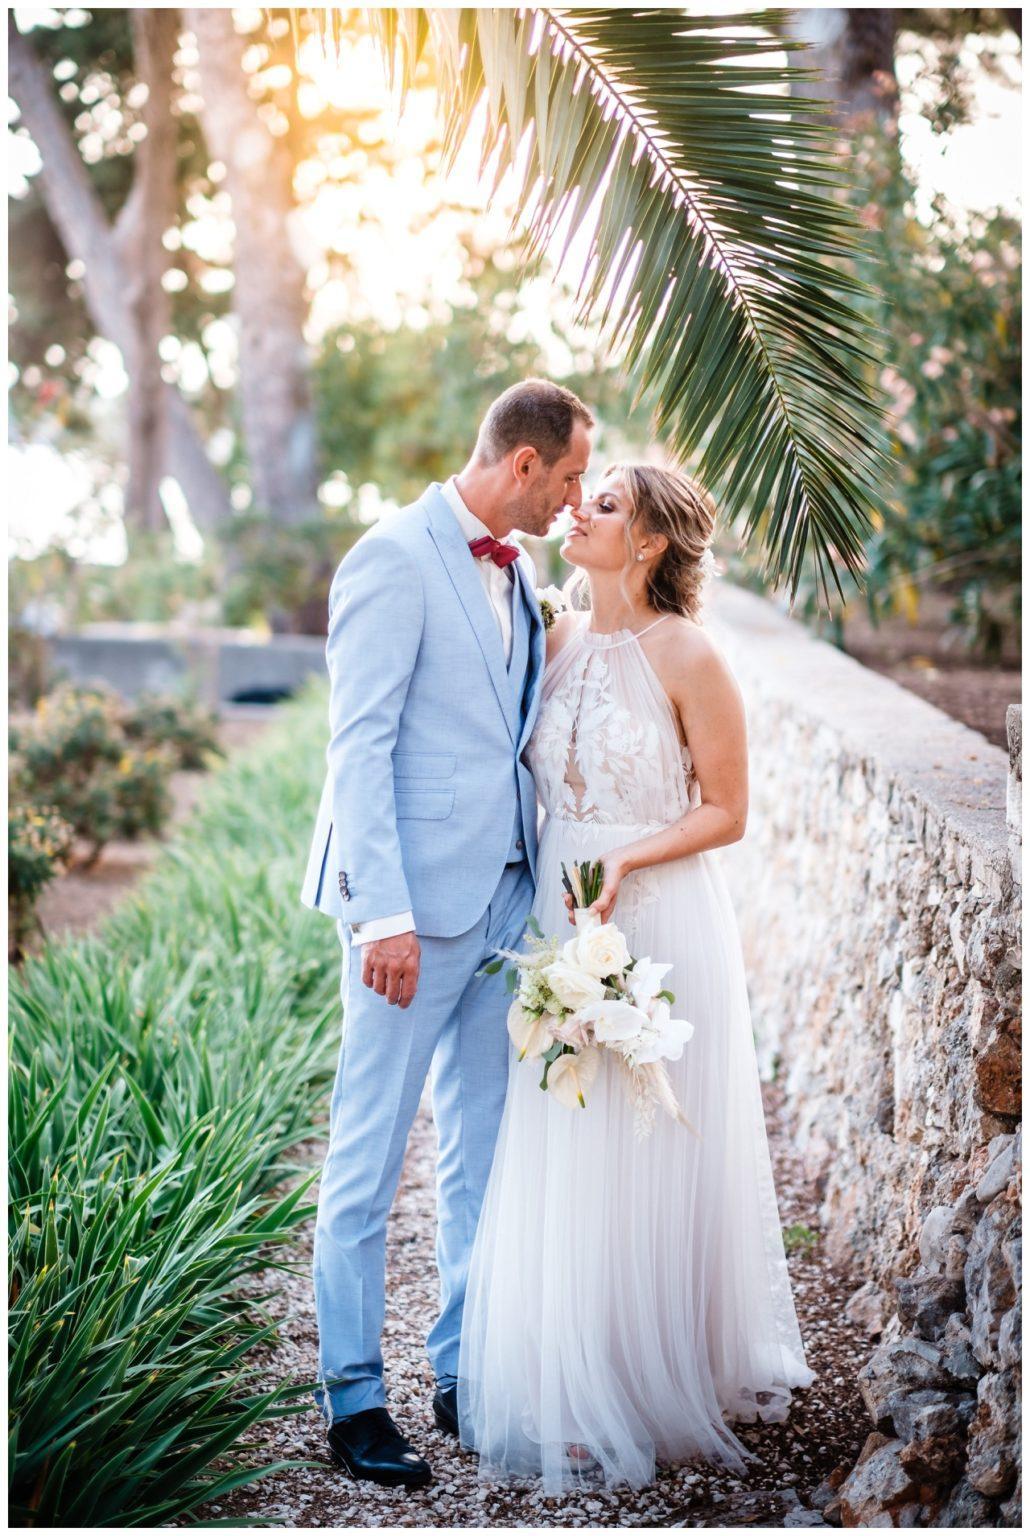 hochzeit brac inse boho heiraten kroatien hochzeitsplaner 48 - Glam Boho Hochzeit auf der Insel Brač